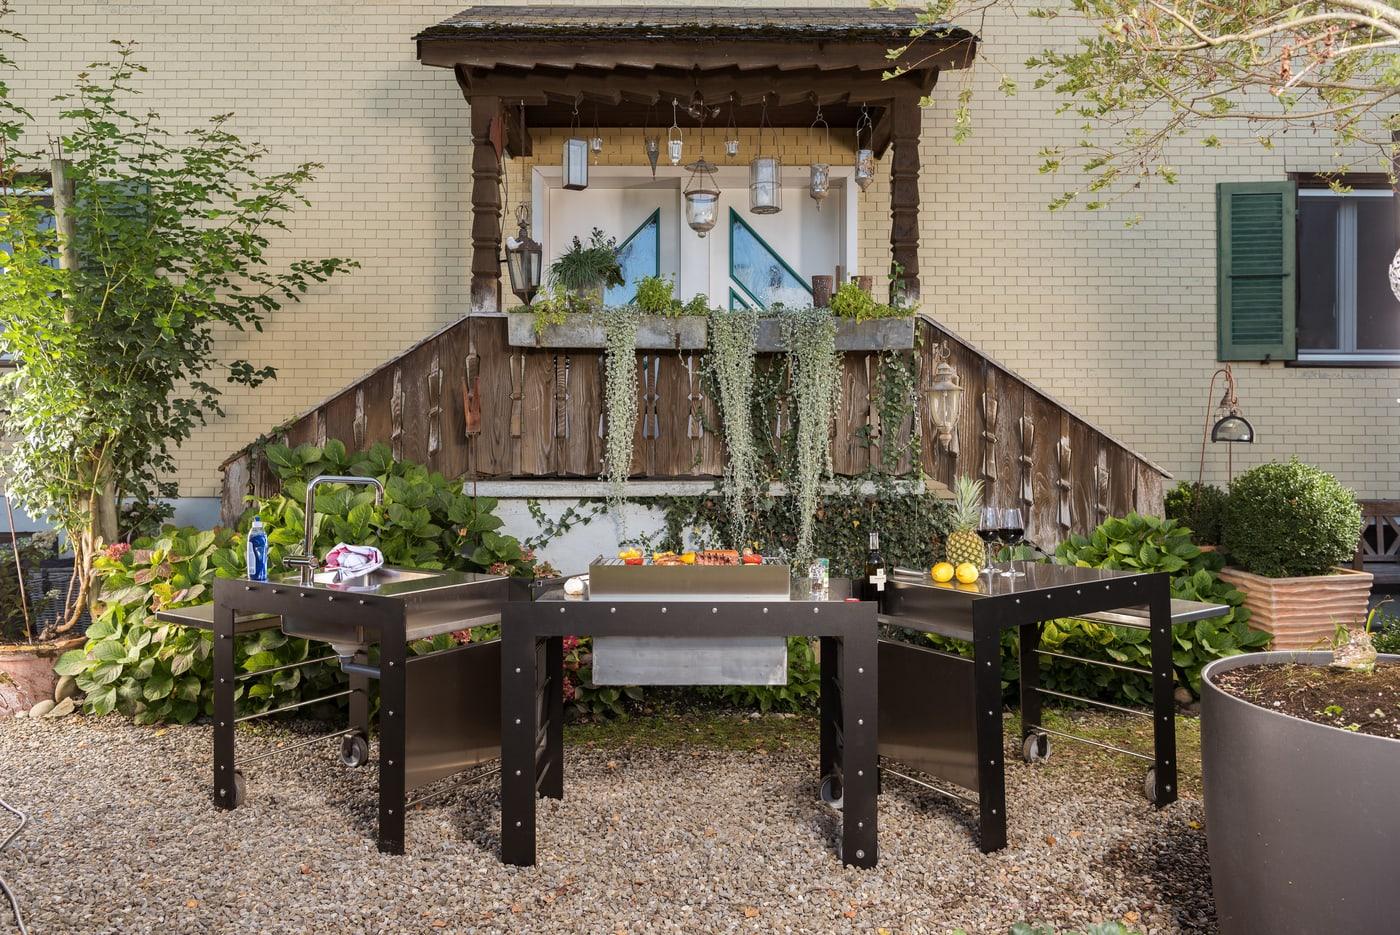 Outdoorküche Klappbar Zubehör : Outdoorküche klappbar ersatzteile campingküchen faltbar klappbar